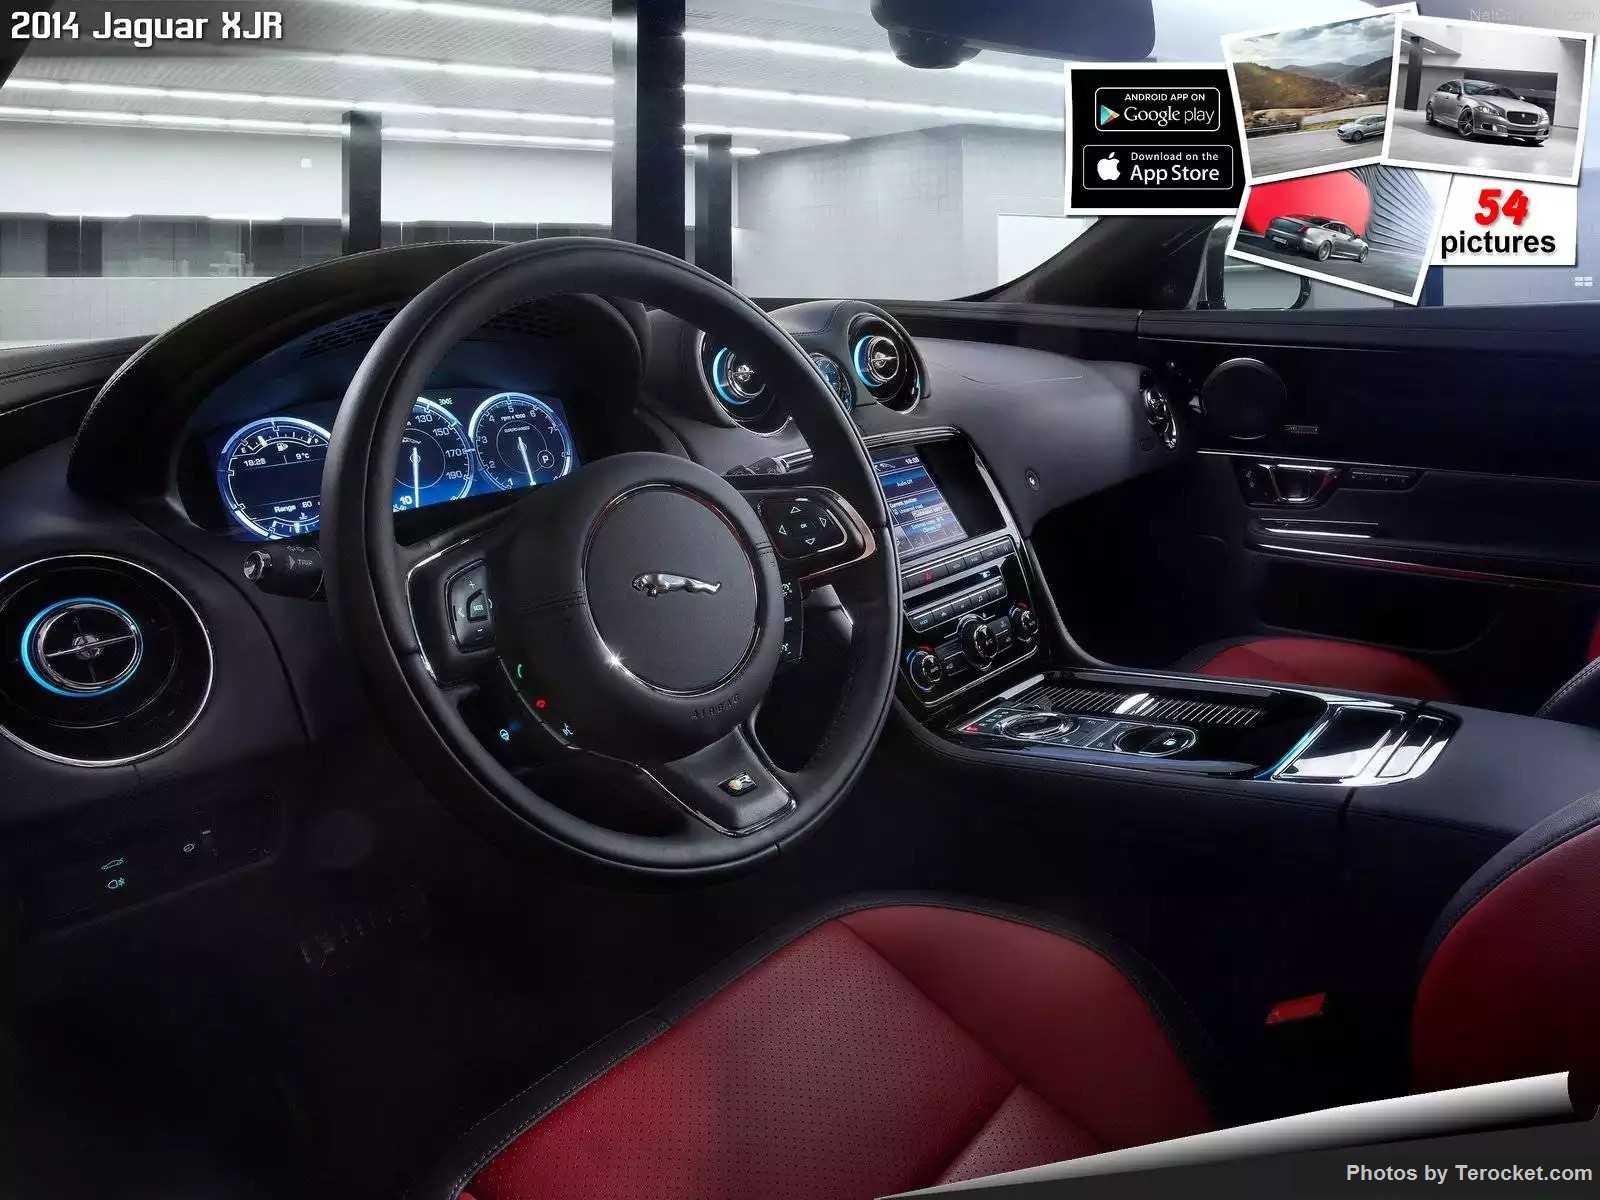 Hình ảnh xe ô tô Jaguar XJR 2014 & nội ngoại thất